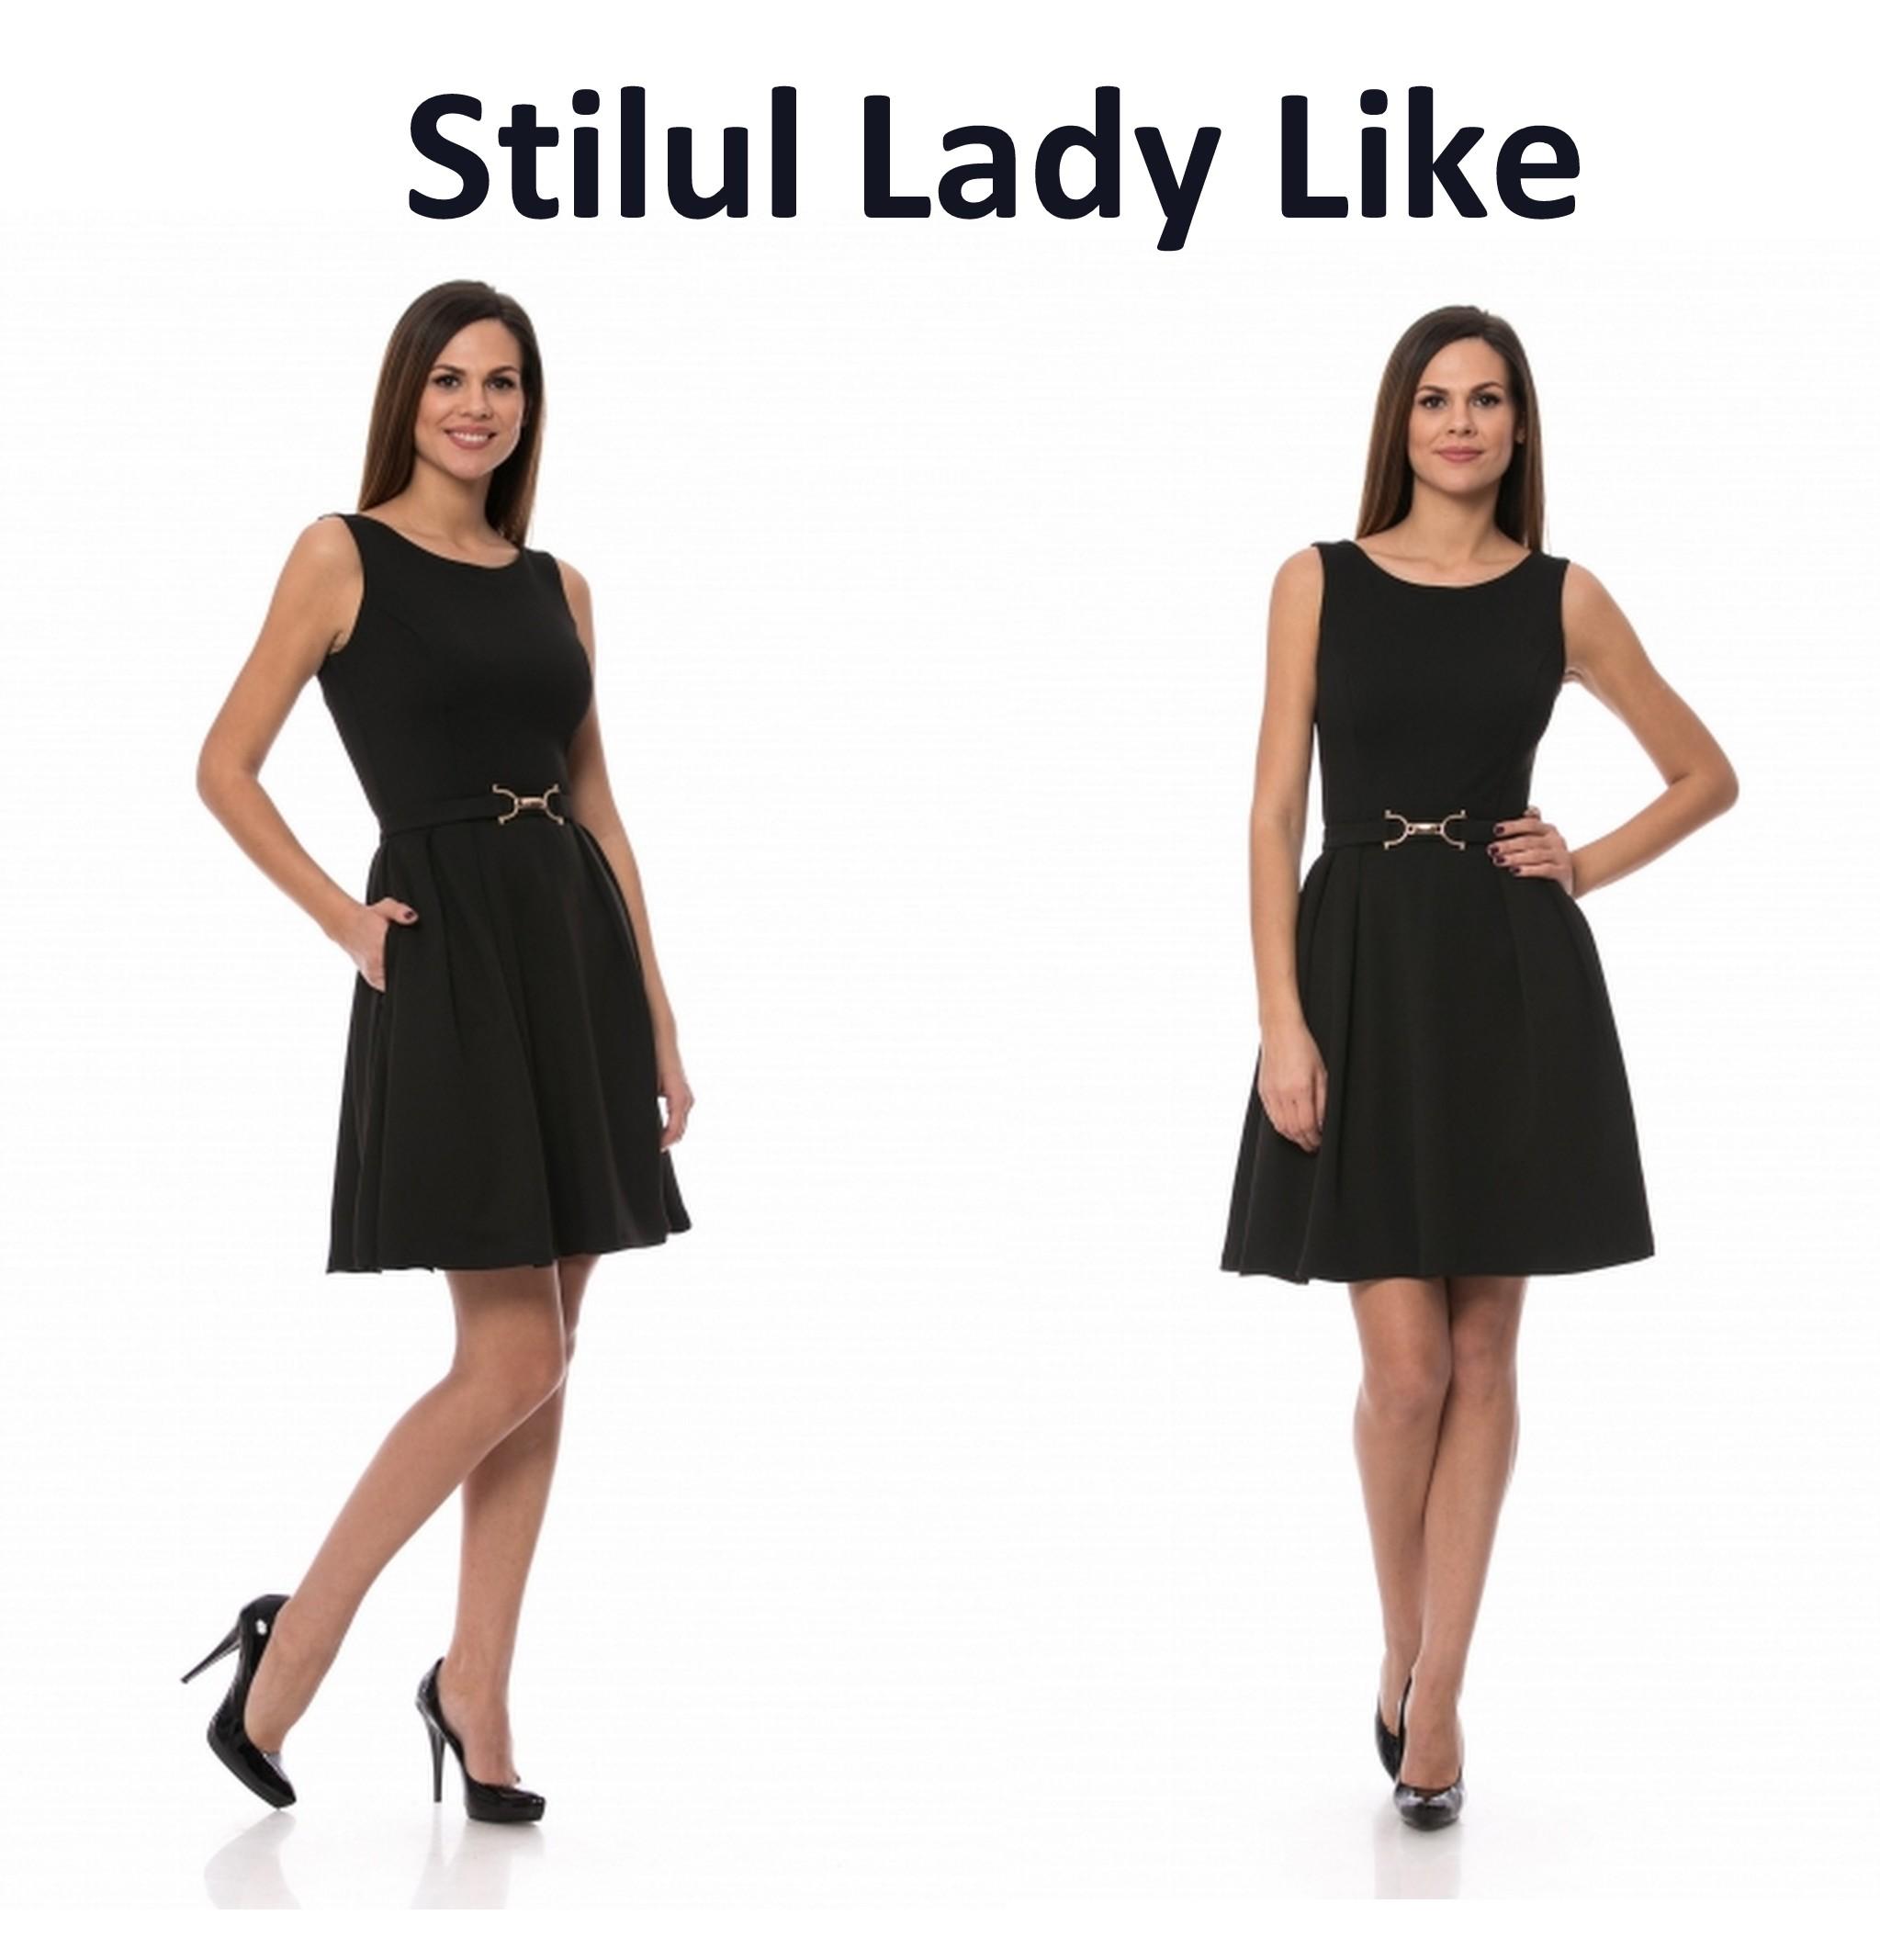 stilul-lady-like-tinuta-balul-bobocilor